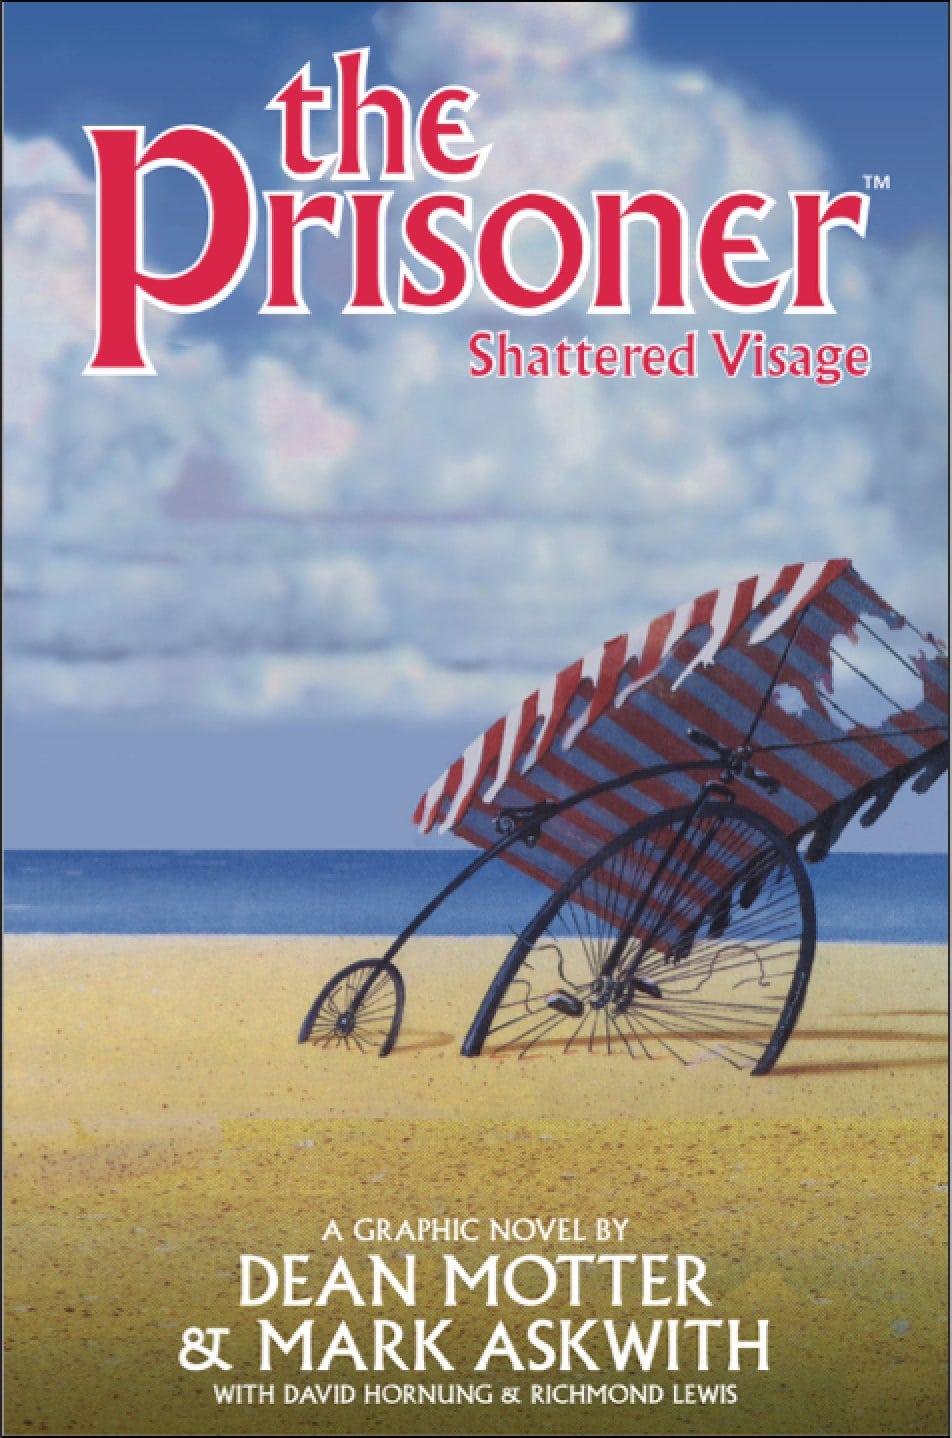 Titan publicará la secuela oficial de The Prisoner, Shattered Visage